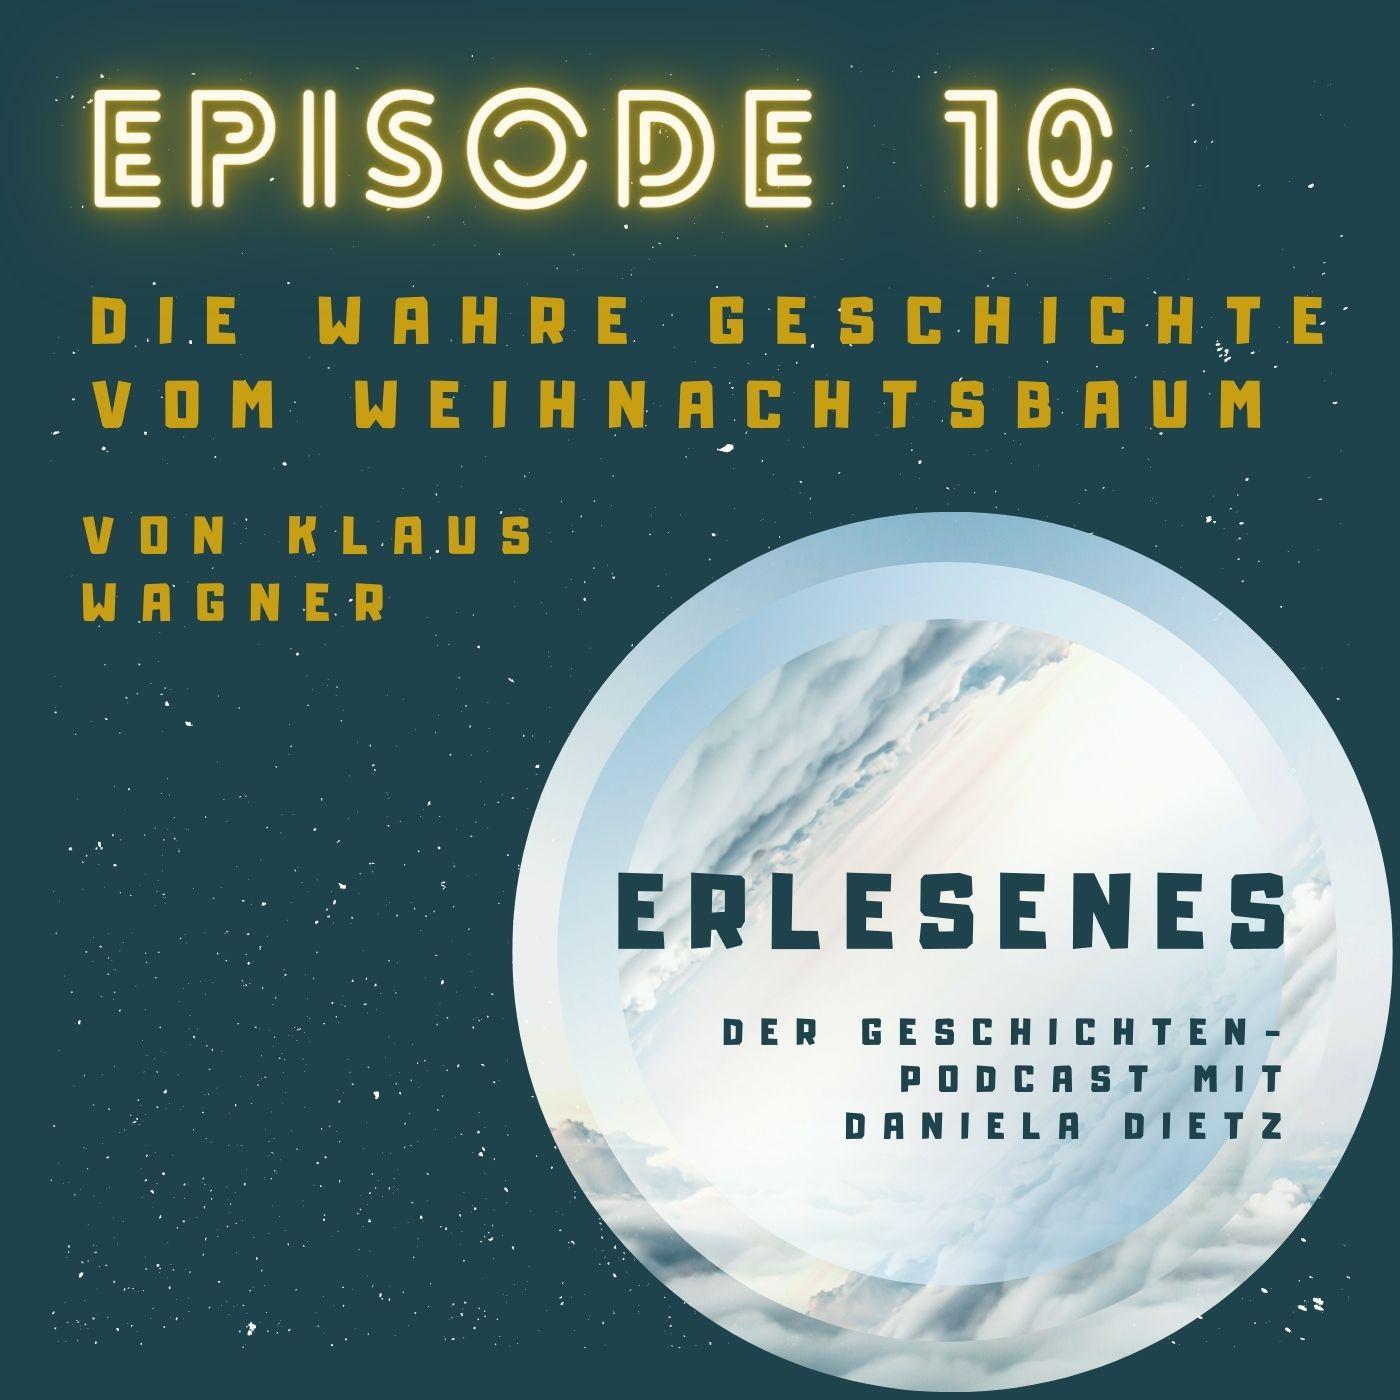 Episode 10: Die wahre Geschichte vom Weihnachtsbaum, von Klaus Wagner